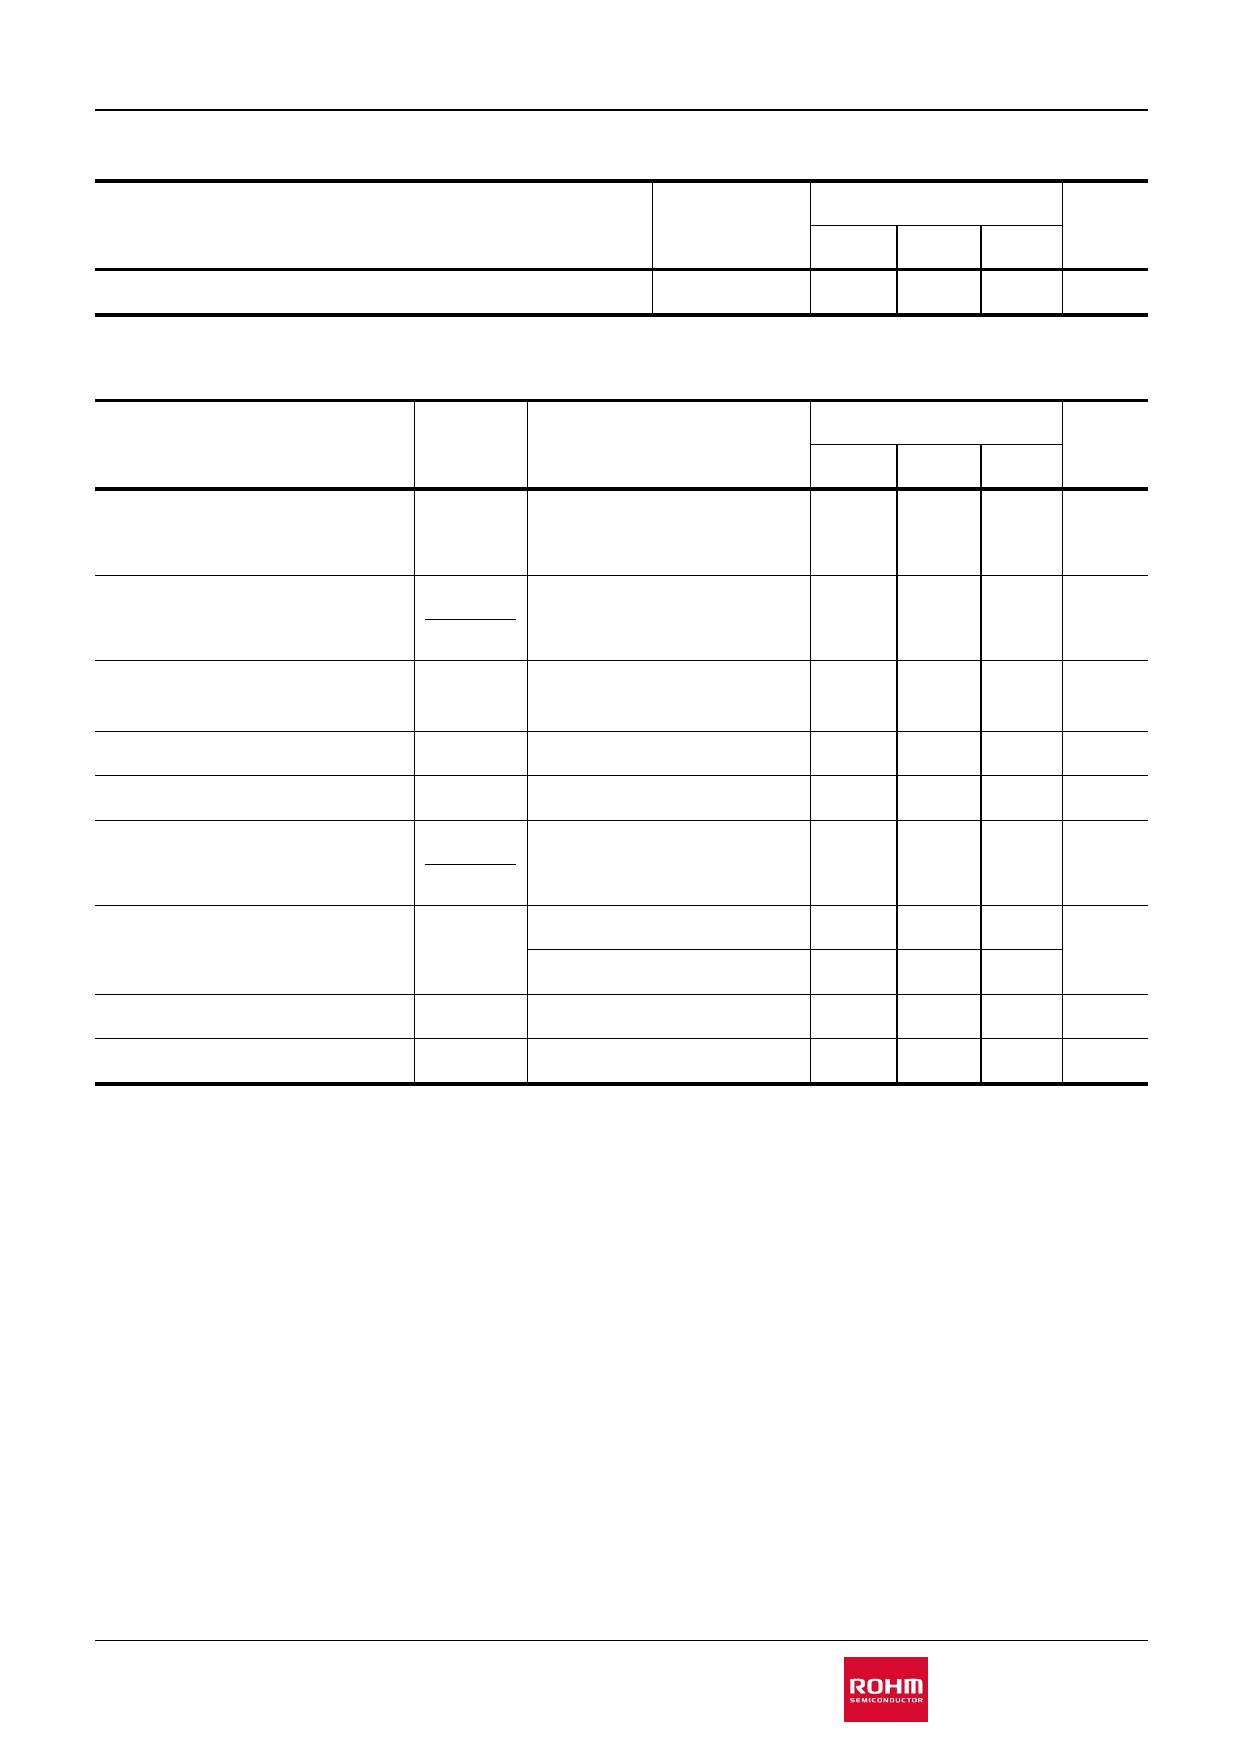 RQ3E080BN pdf, schematic